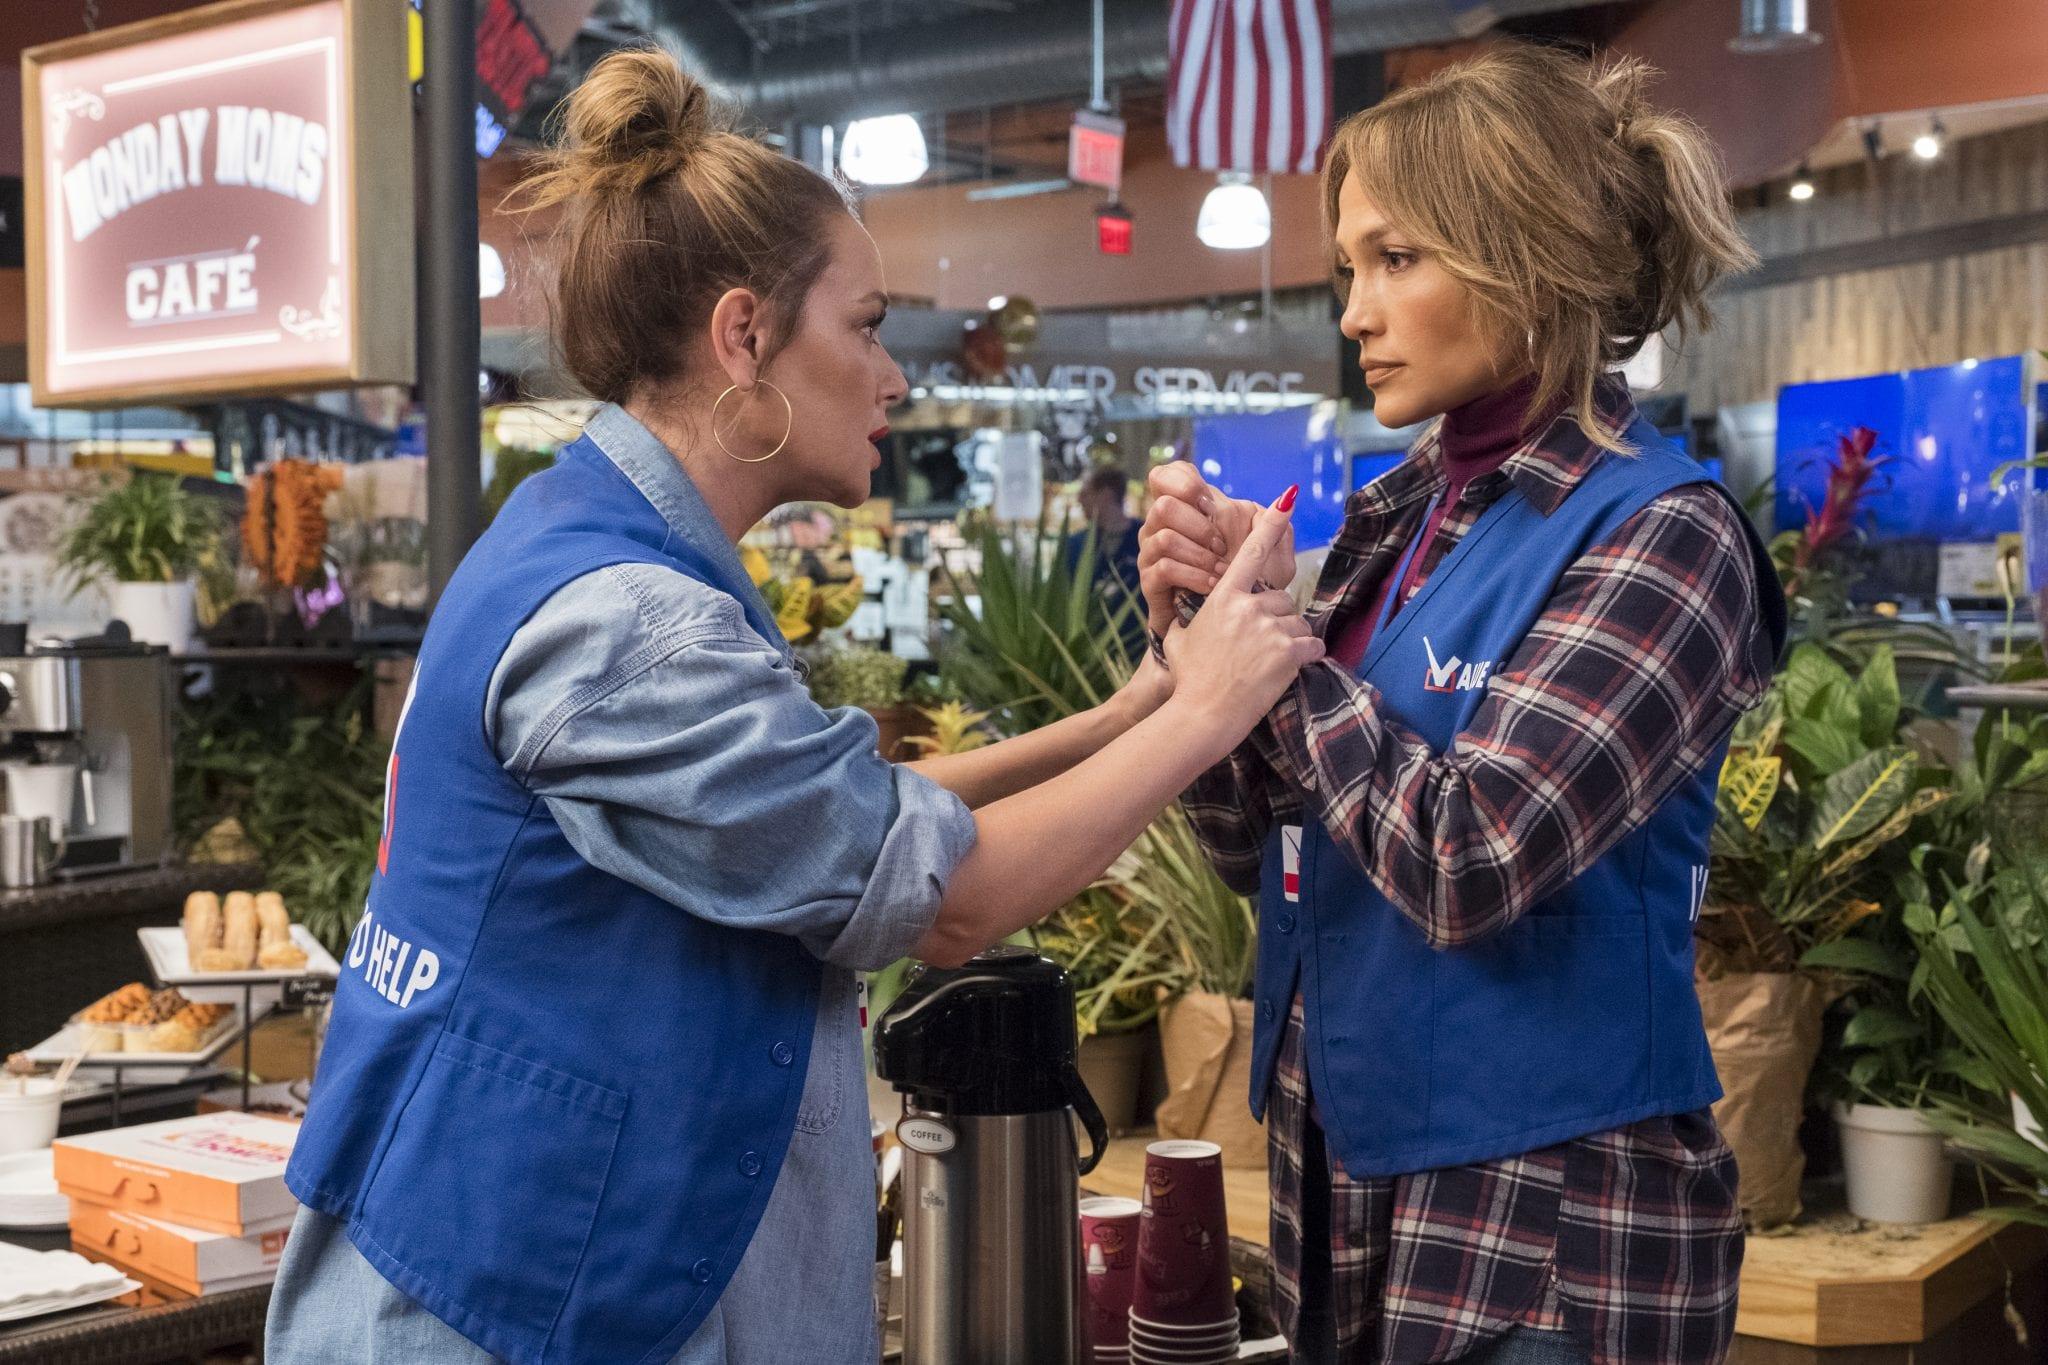 CinemaTivu: Ricomincio da me (Usa 2018), con protagonista Jennifer Lopez, diretto da Peter Segal, in onda in prima tv free su Canale5